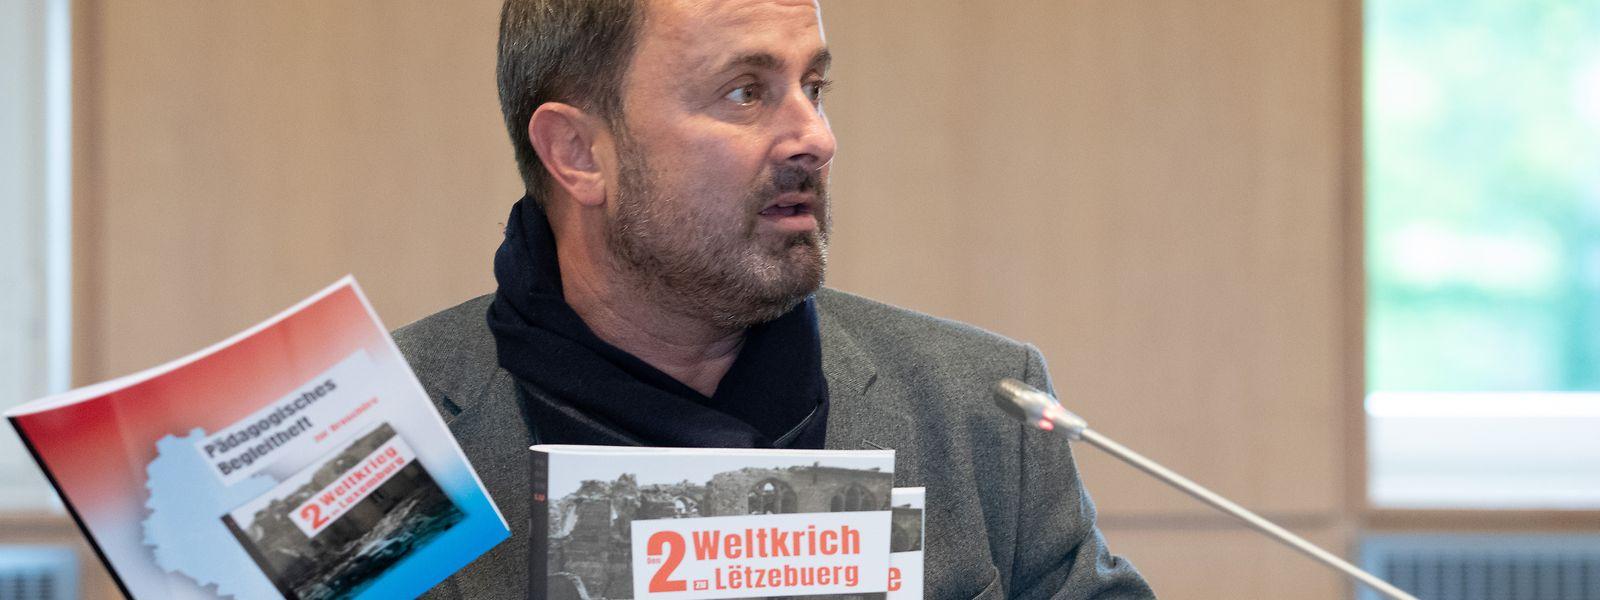 Premierminister Xavier Bettel stieß das Projekt an und finanzierte es über das Staatsministerium.